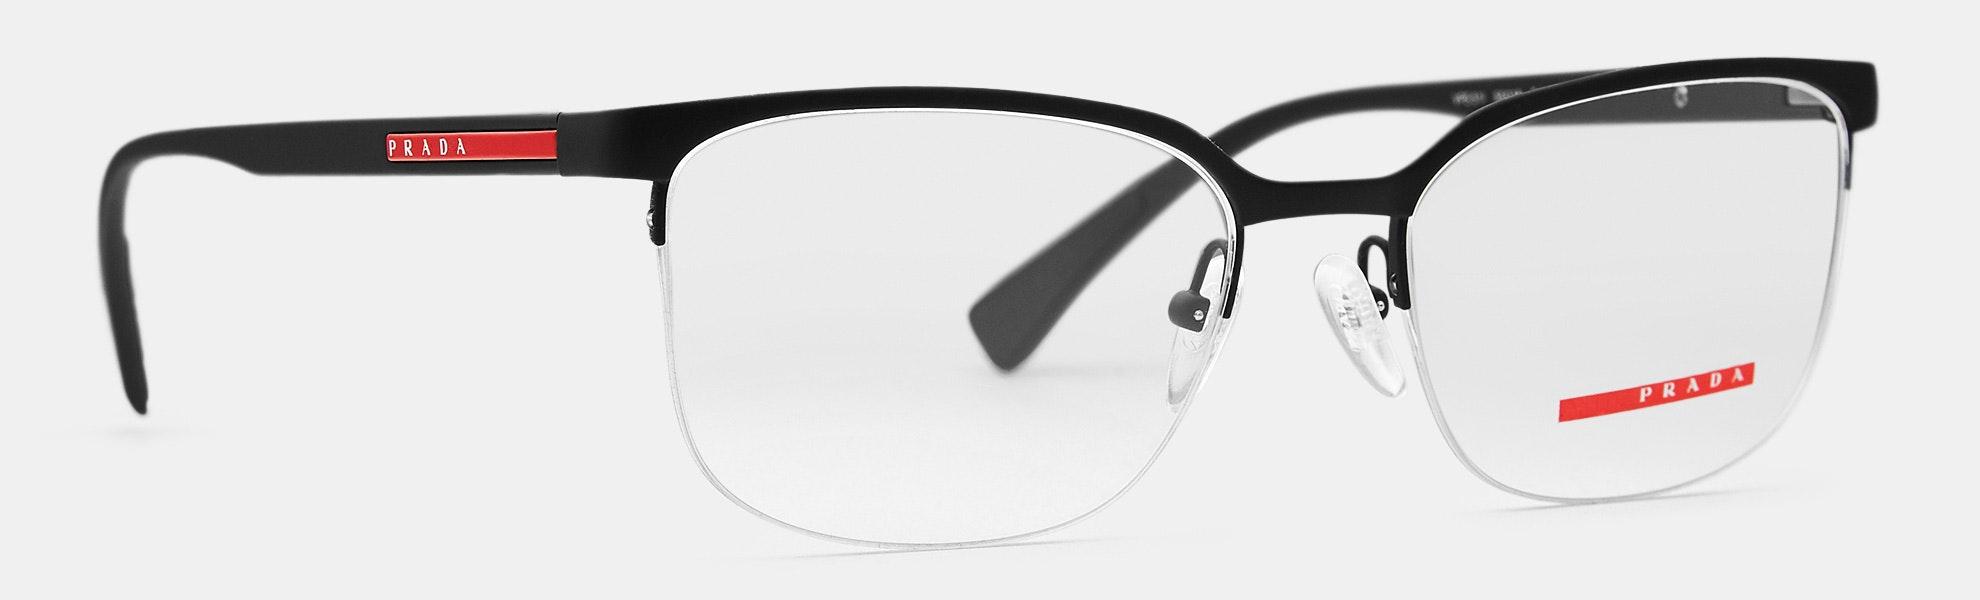 Prada 51IV Eyeglasses